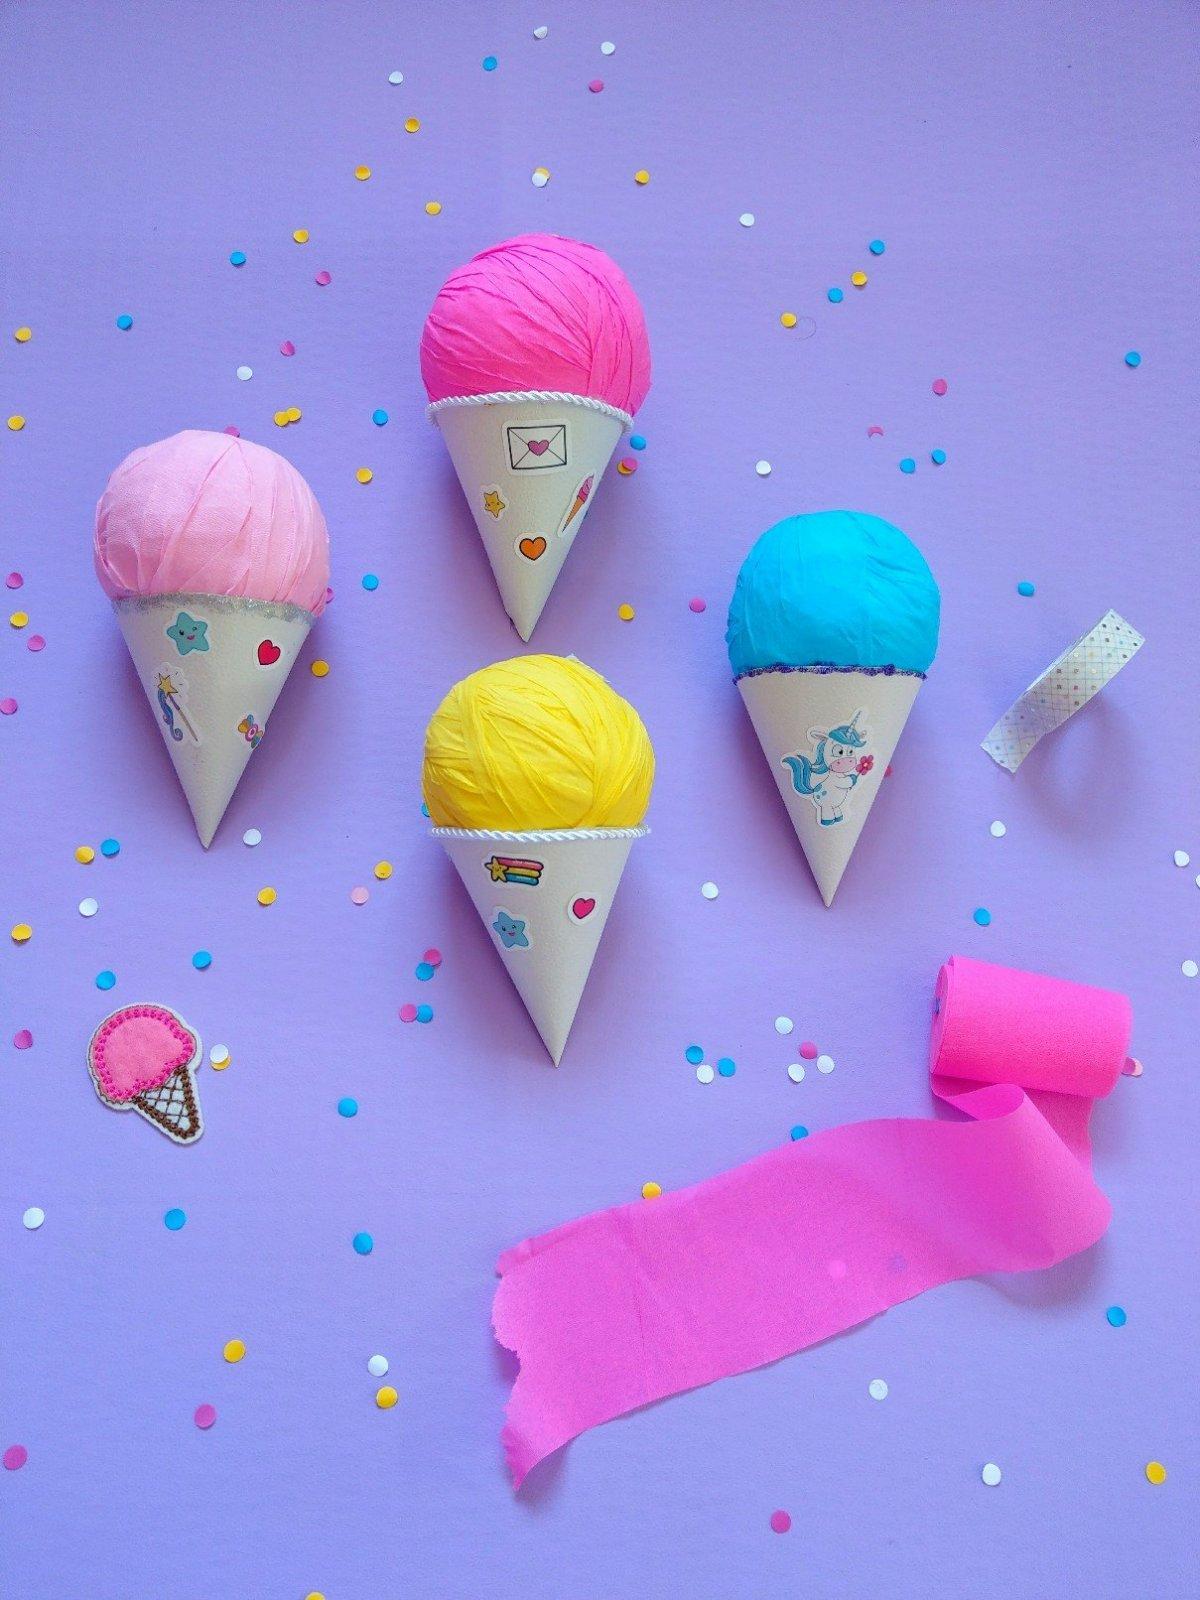 Hier zeige ich euch wie ihr Geschenke in Eis verpacken könnt. Einfache, schnelle und originelle Geschenkidee für den Sommer. Eistüte selber basteln und die Eiskugel mit kleinen Geschenken bestücken.